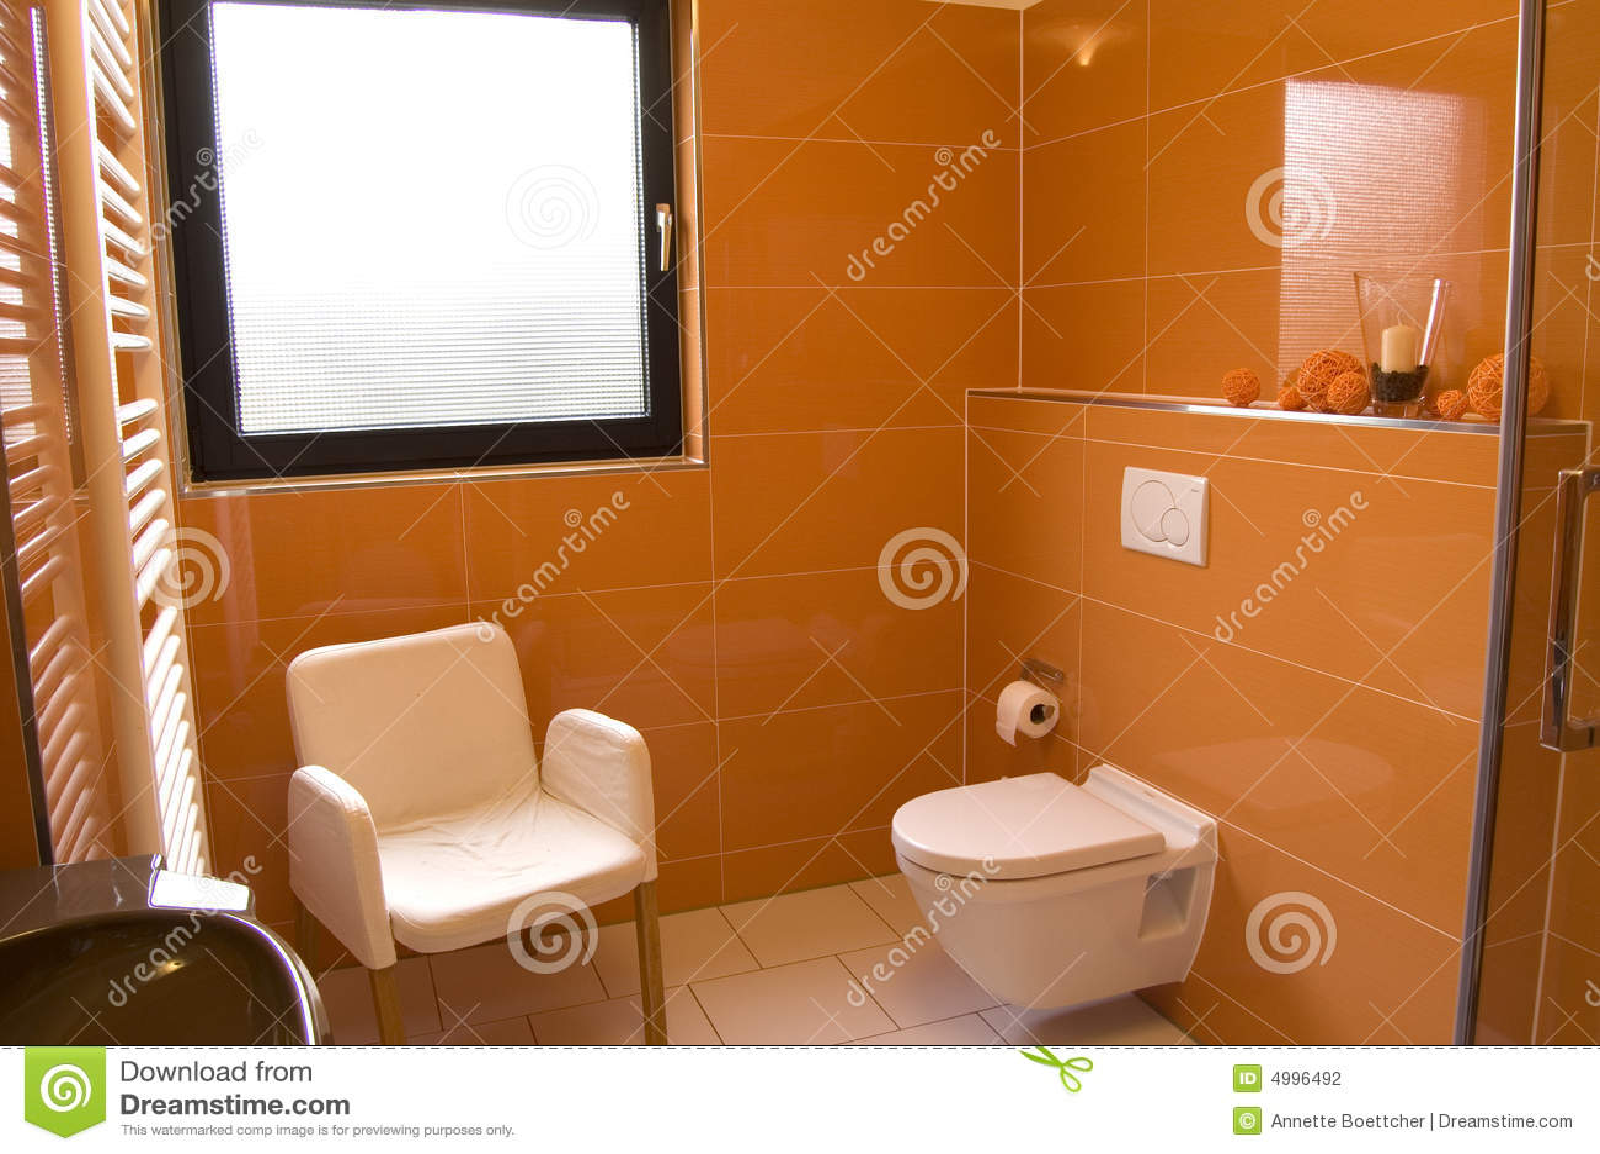 Piastrelle Arancioni Per Bagno stanza da bagno arancione moderna fotografia stock